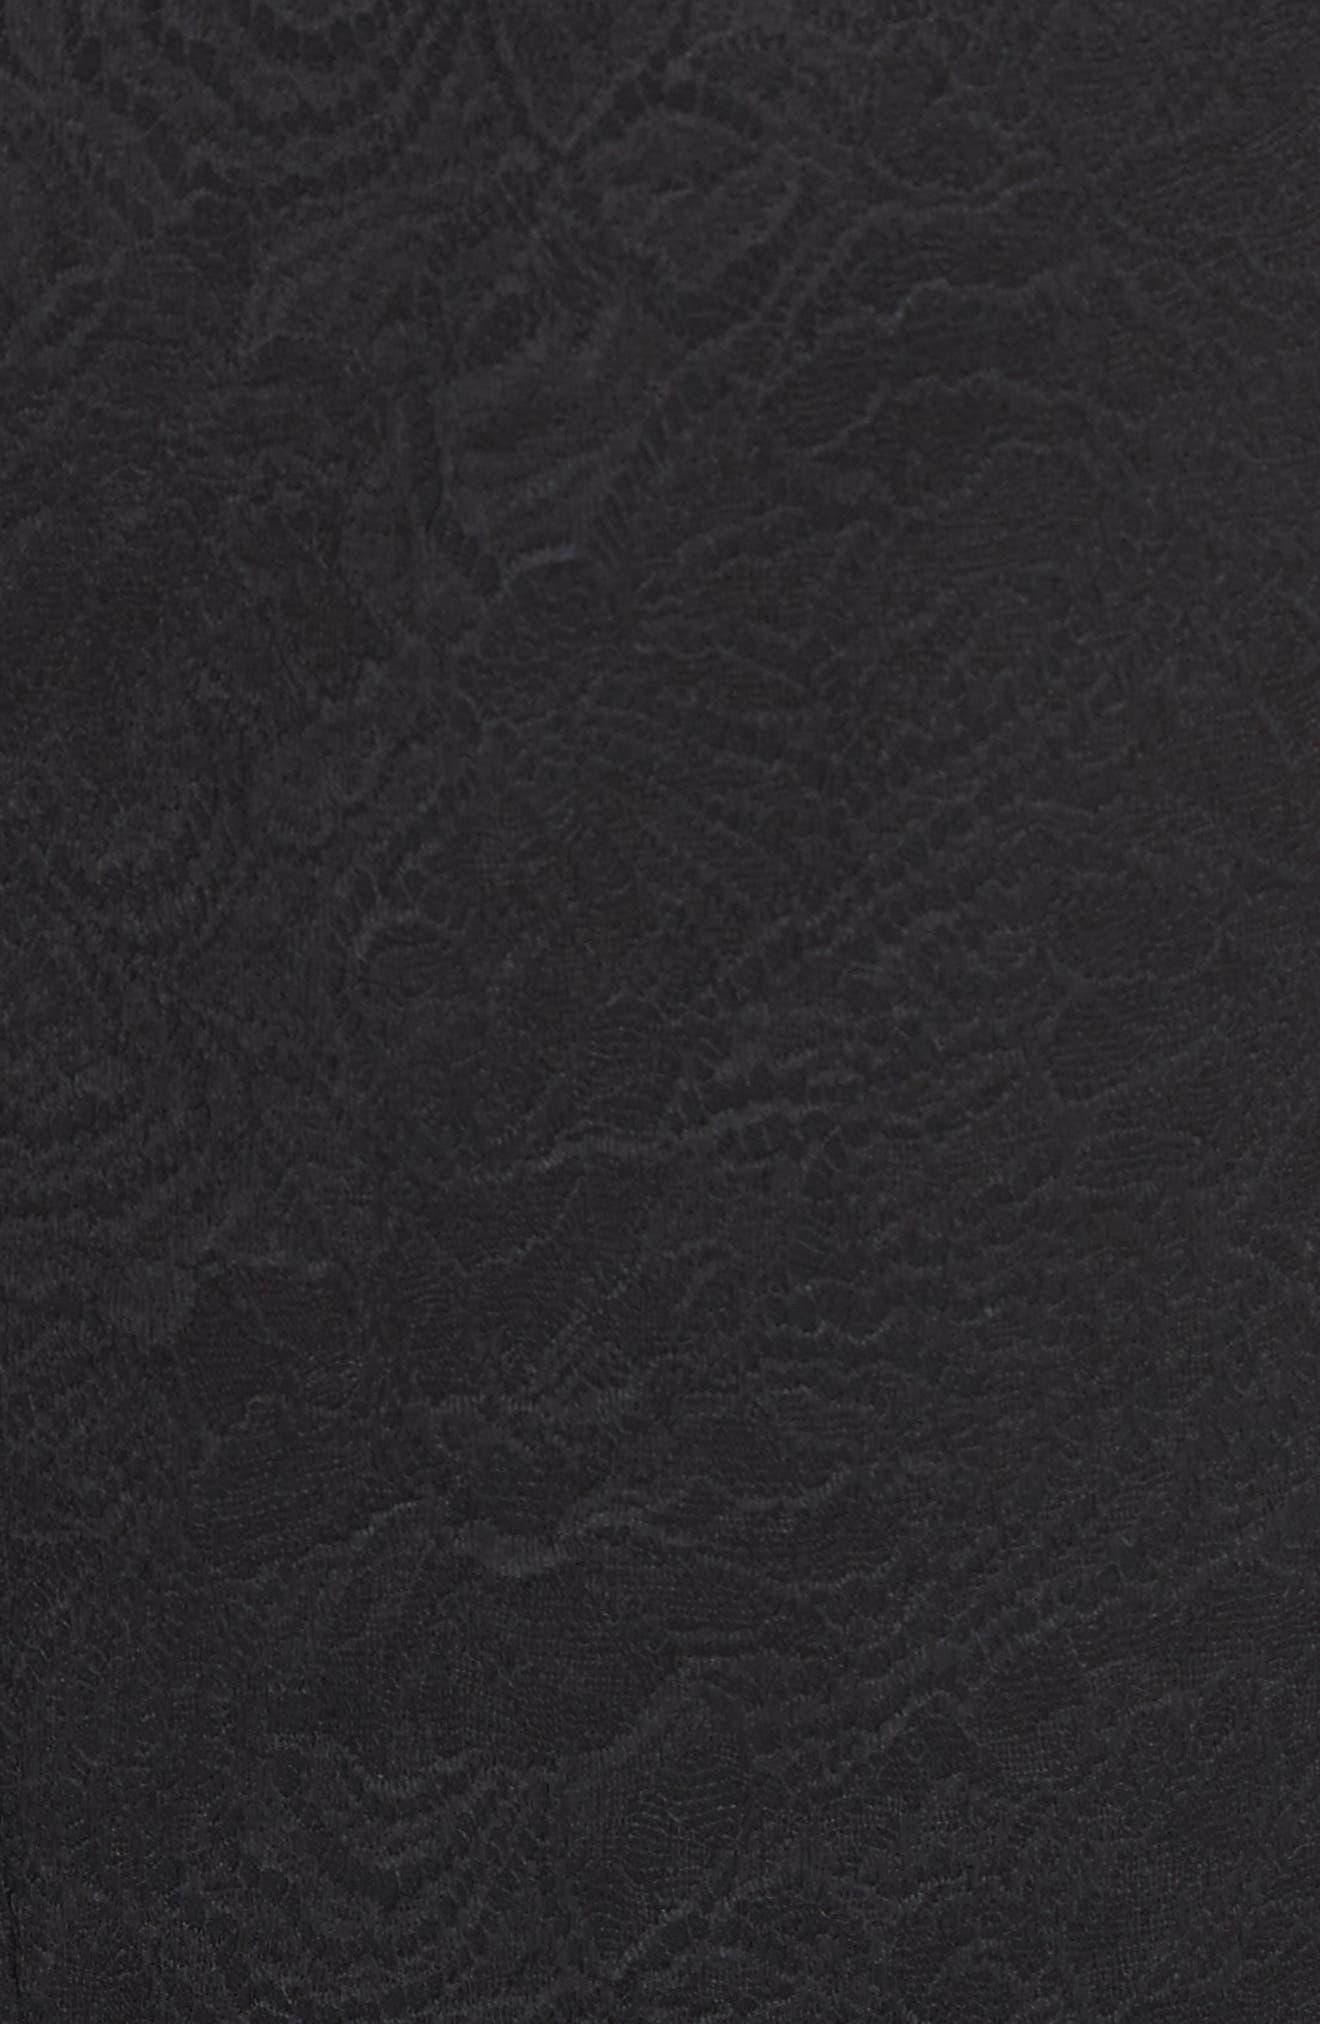 Ruffle Midi Dress,                             Alternate thumbnail 6, color,                             Black